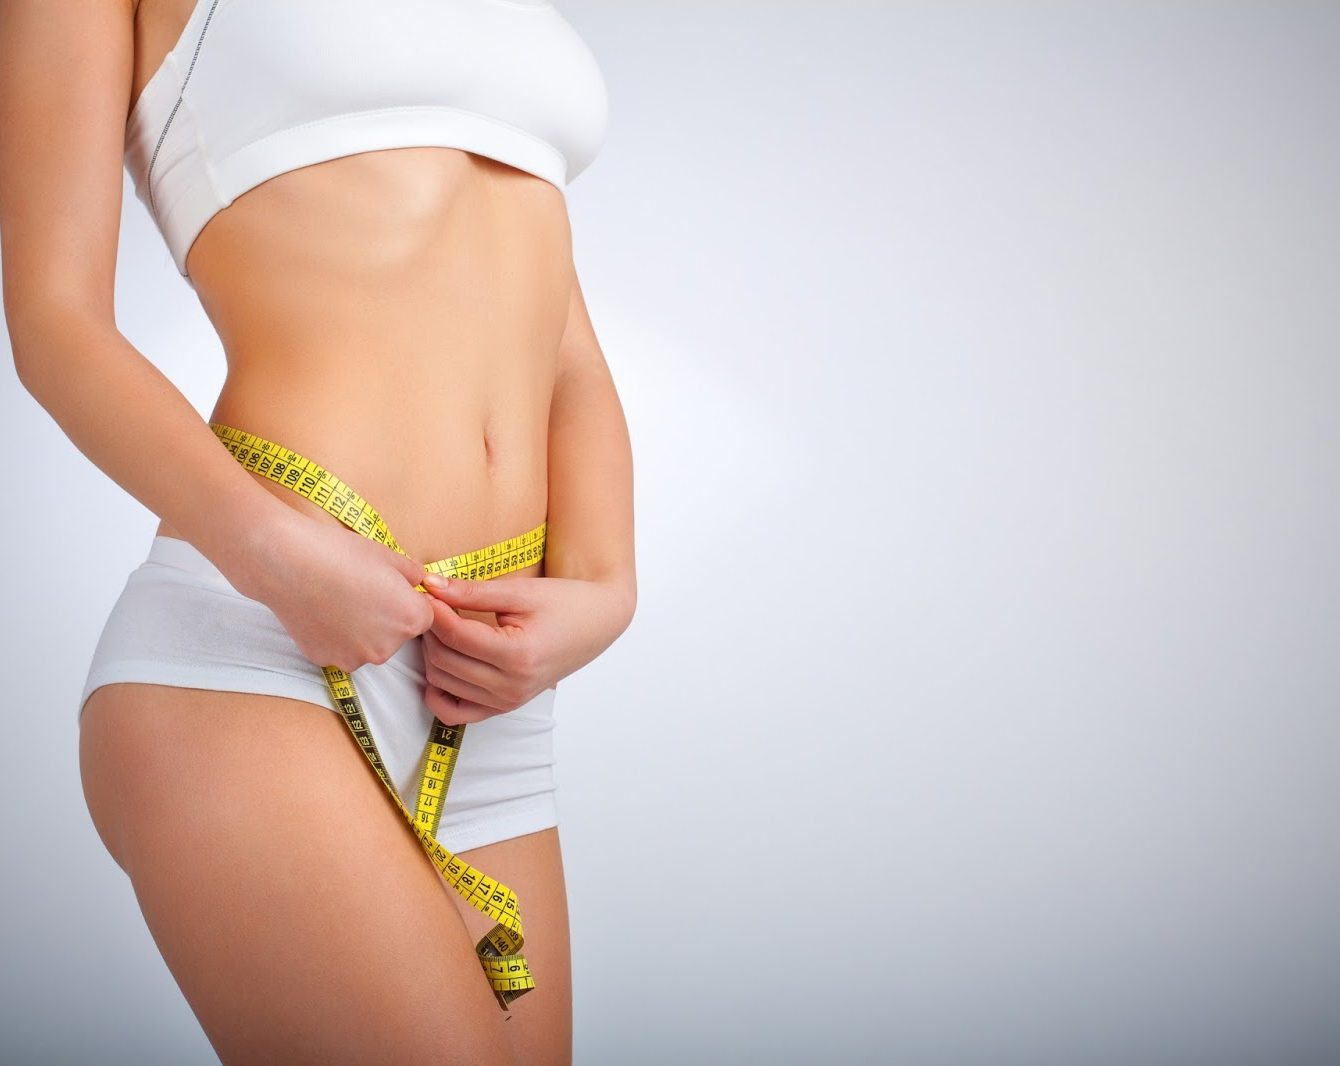 Căng da bụng bị chùng sau sinh bằng nội soi